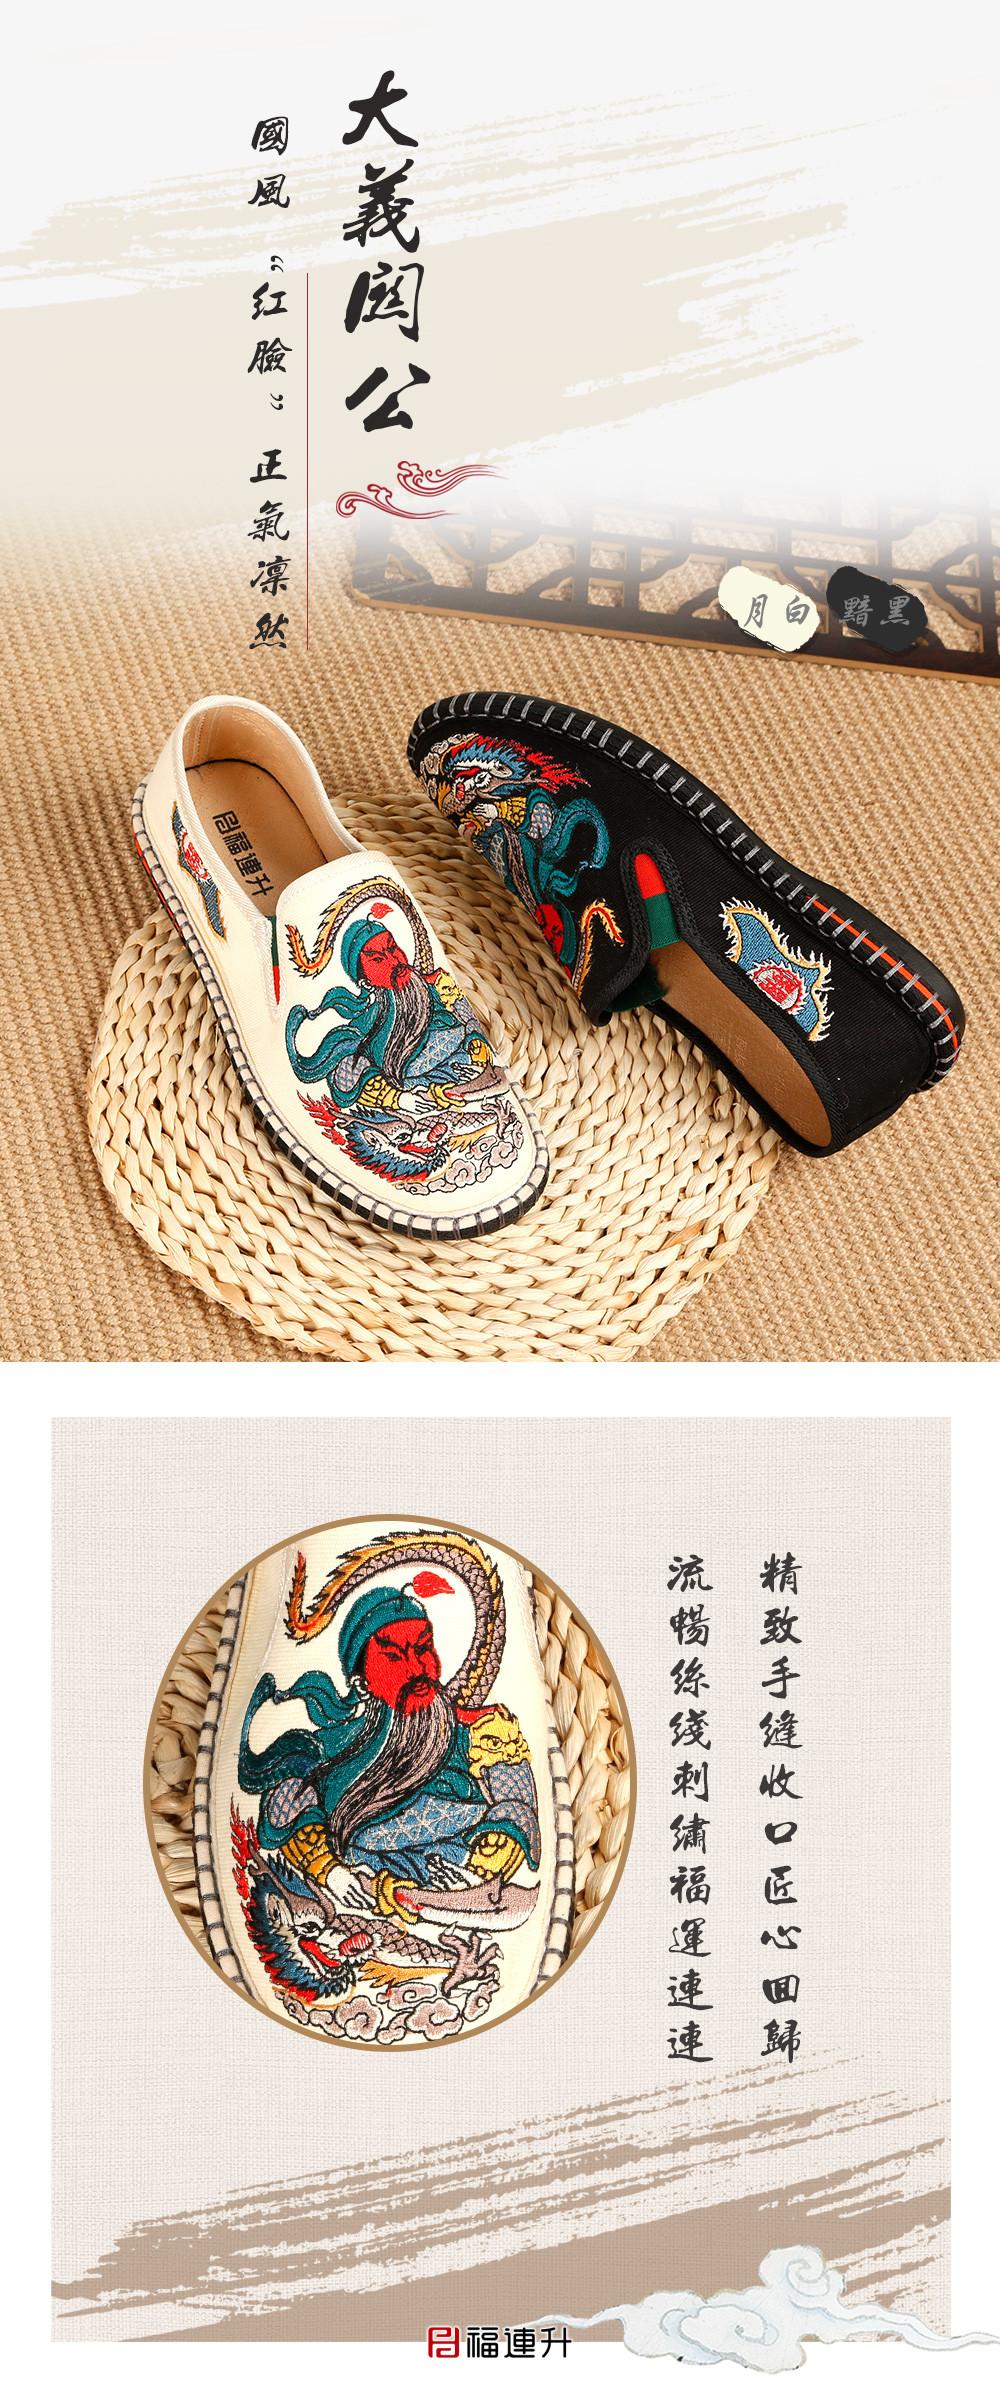 老北京千层底时尚休闲中国民族风仙鹤刺绣棉麻舒适透气布鞋图片